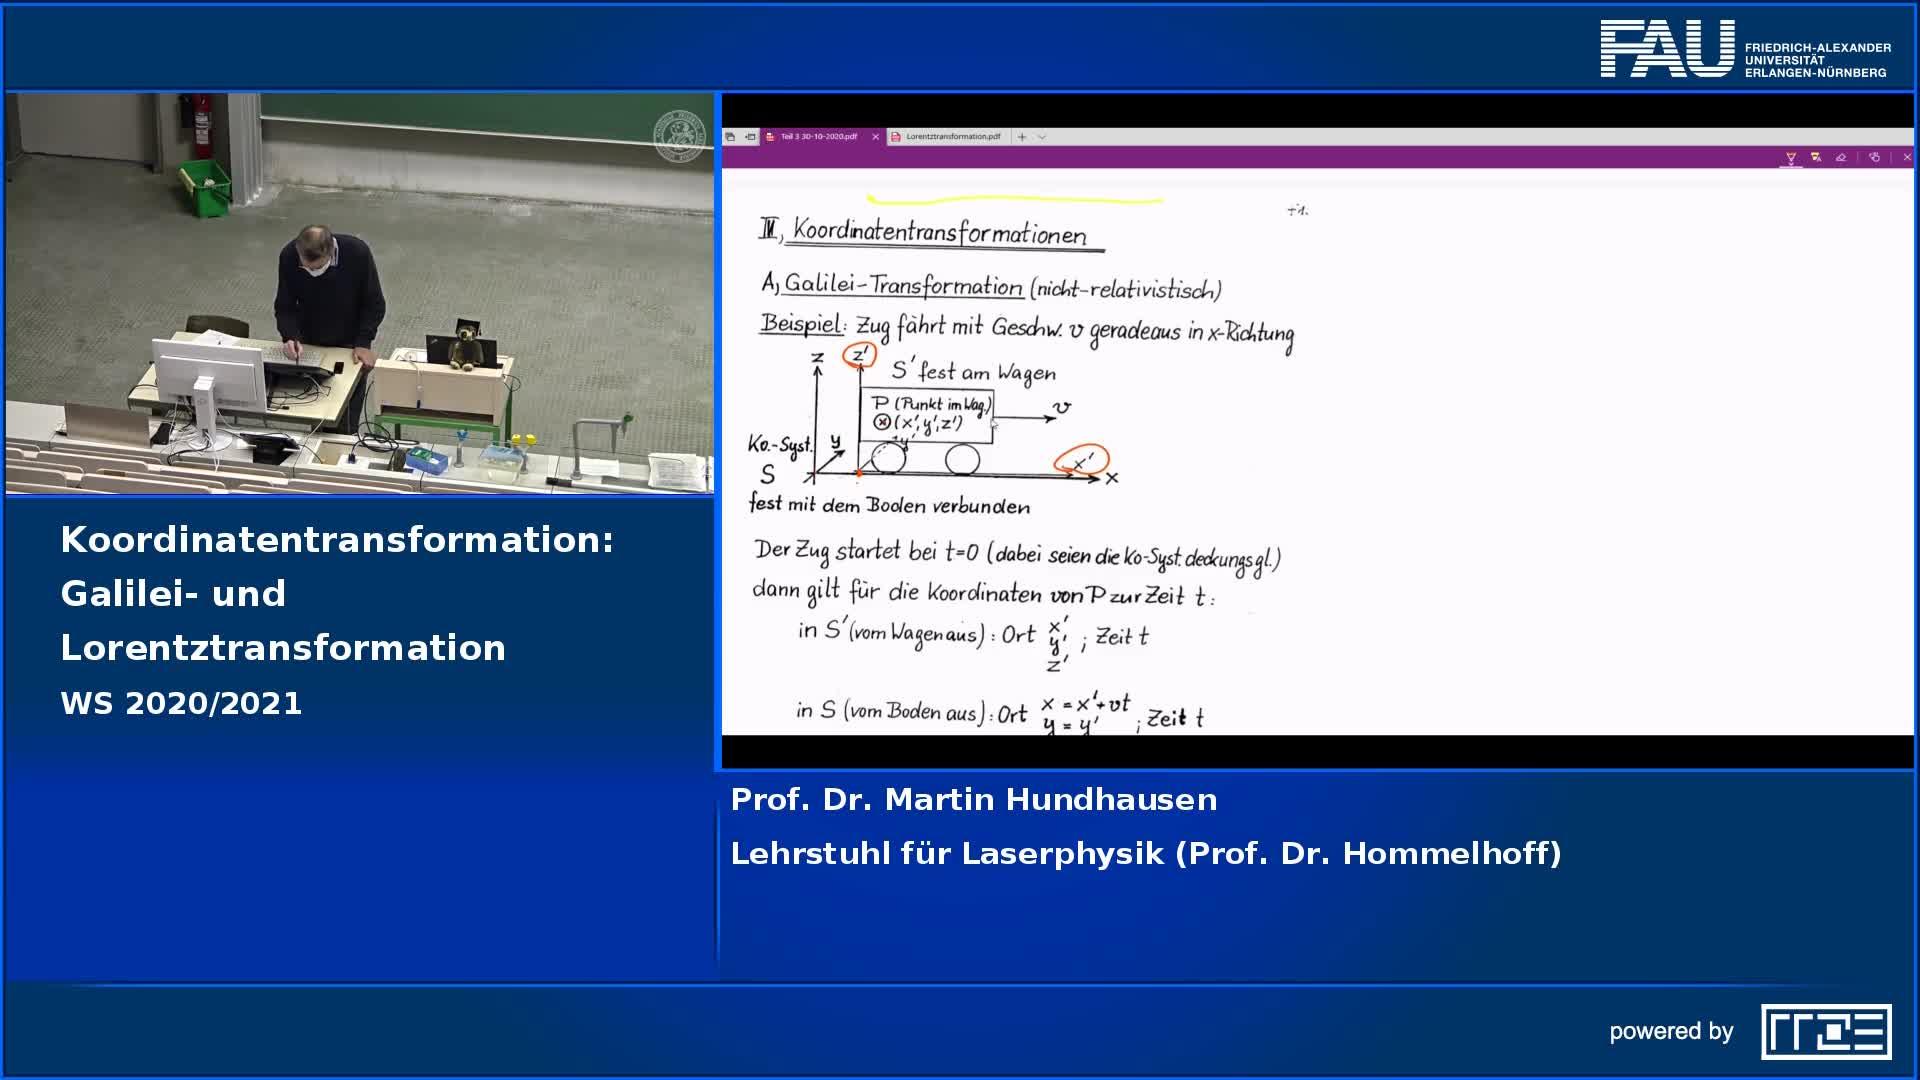 Koordinatentransformation: Galilei- und Lorentztransformation preview image